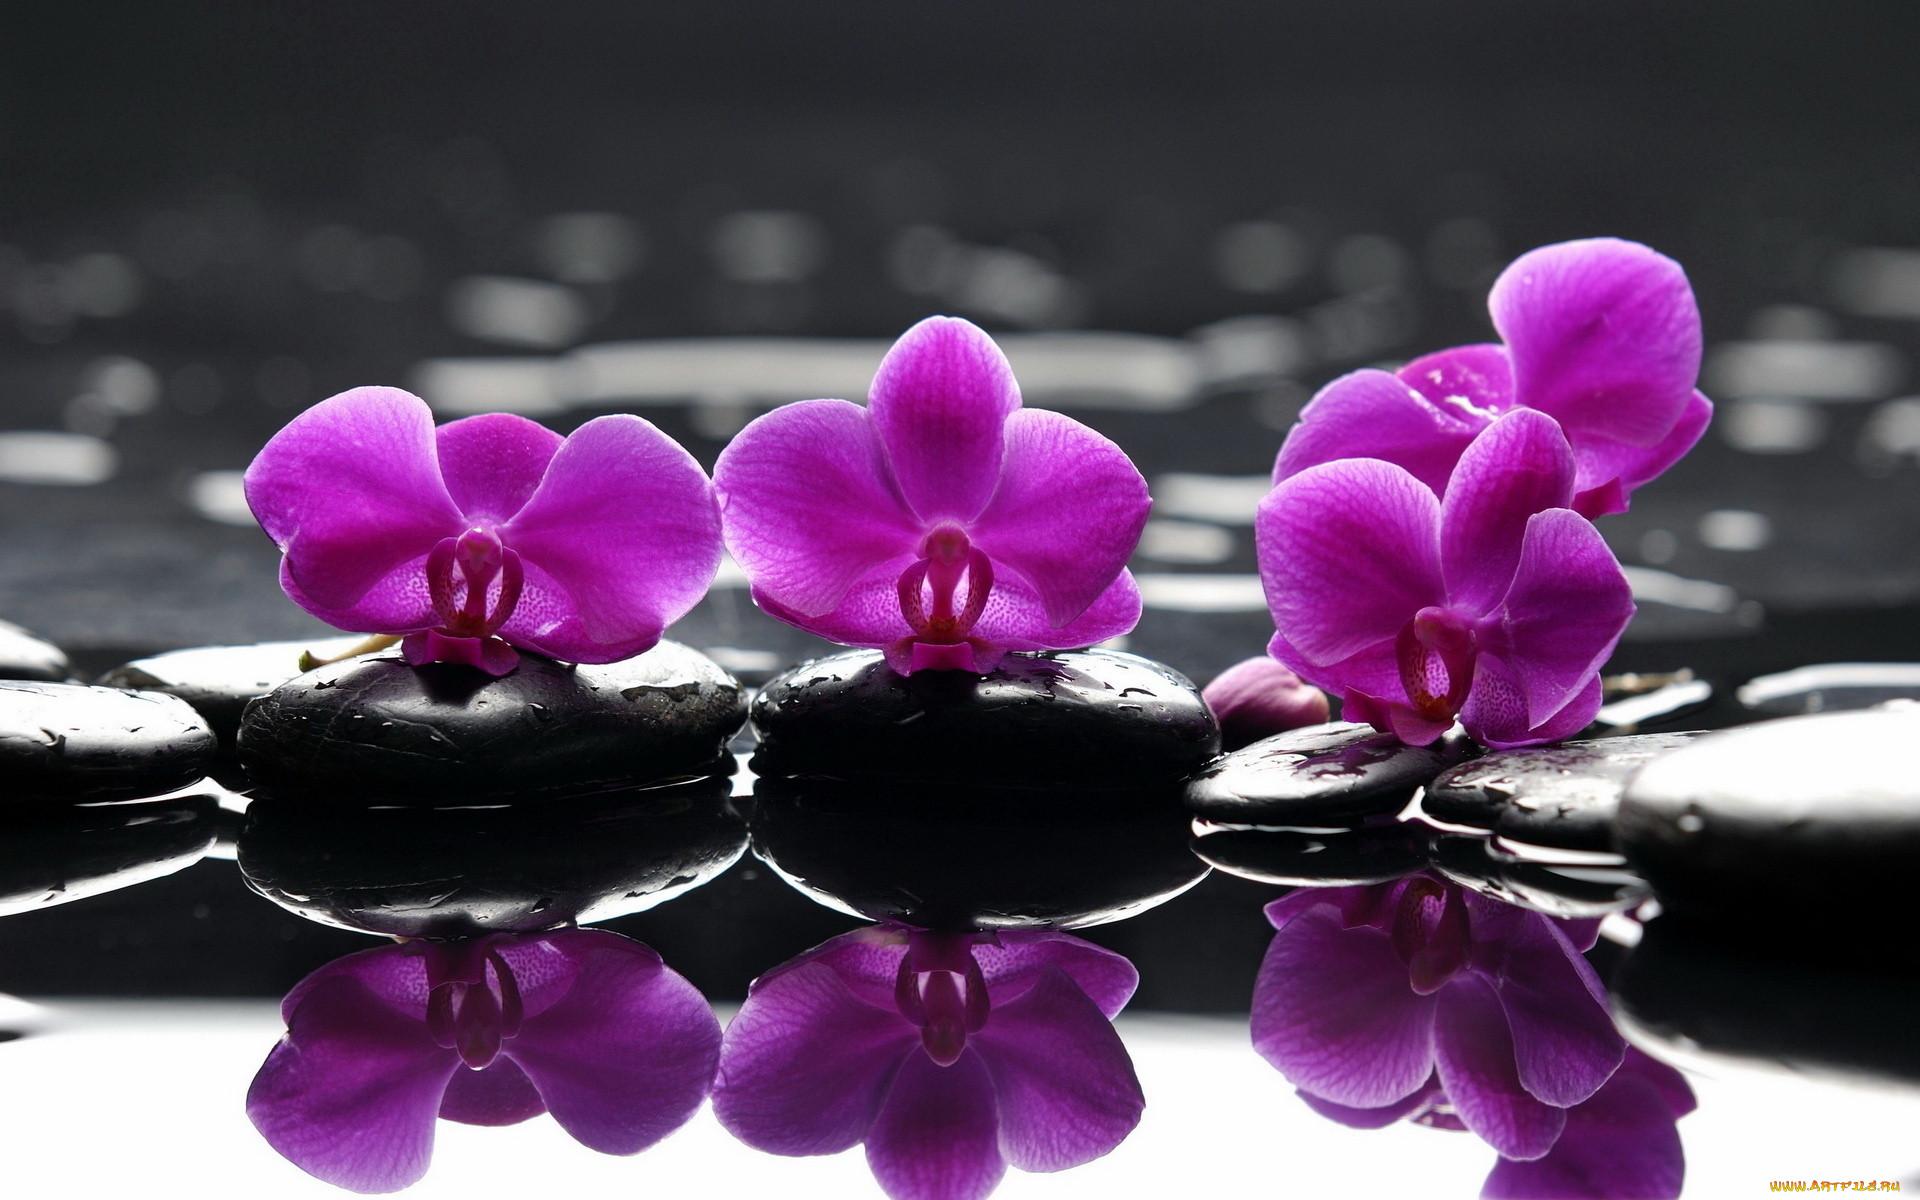 Высококачественные фото красивых цветов